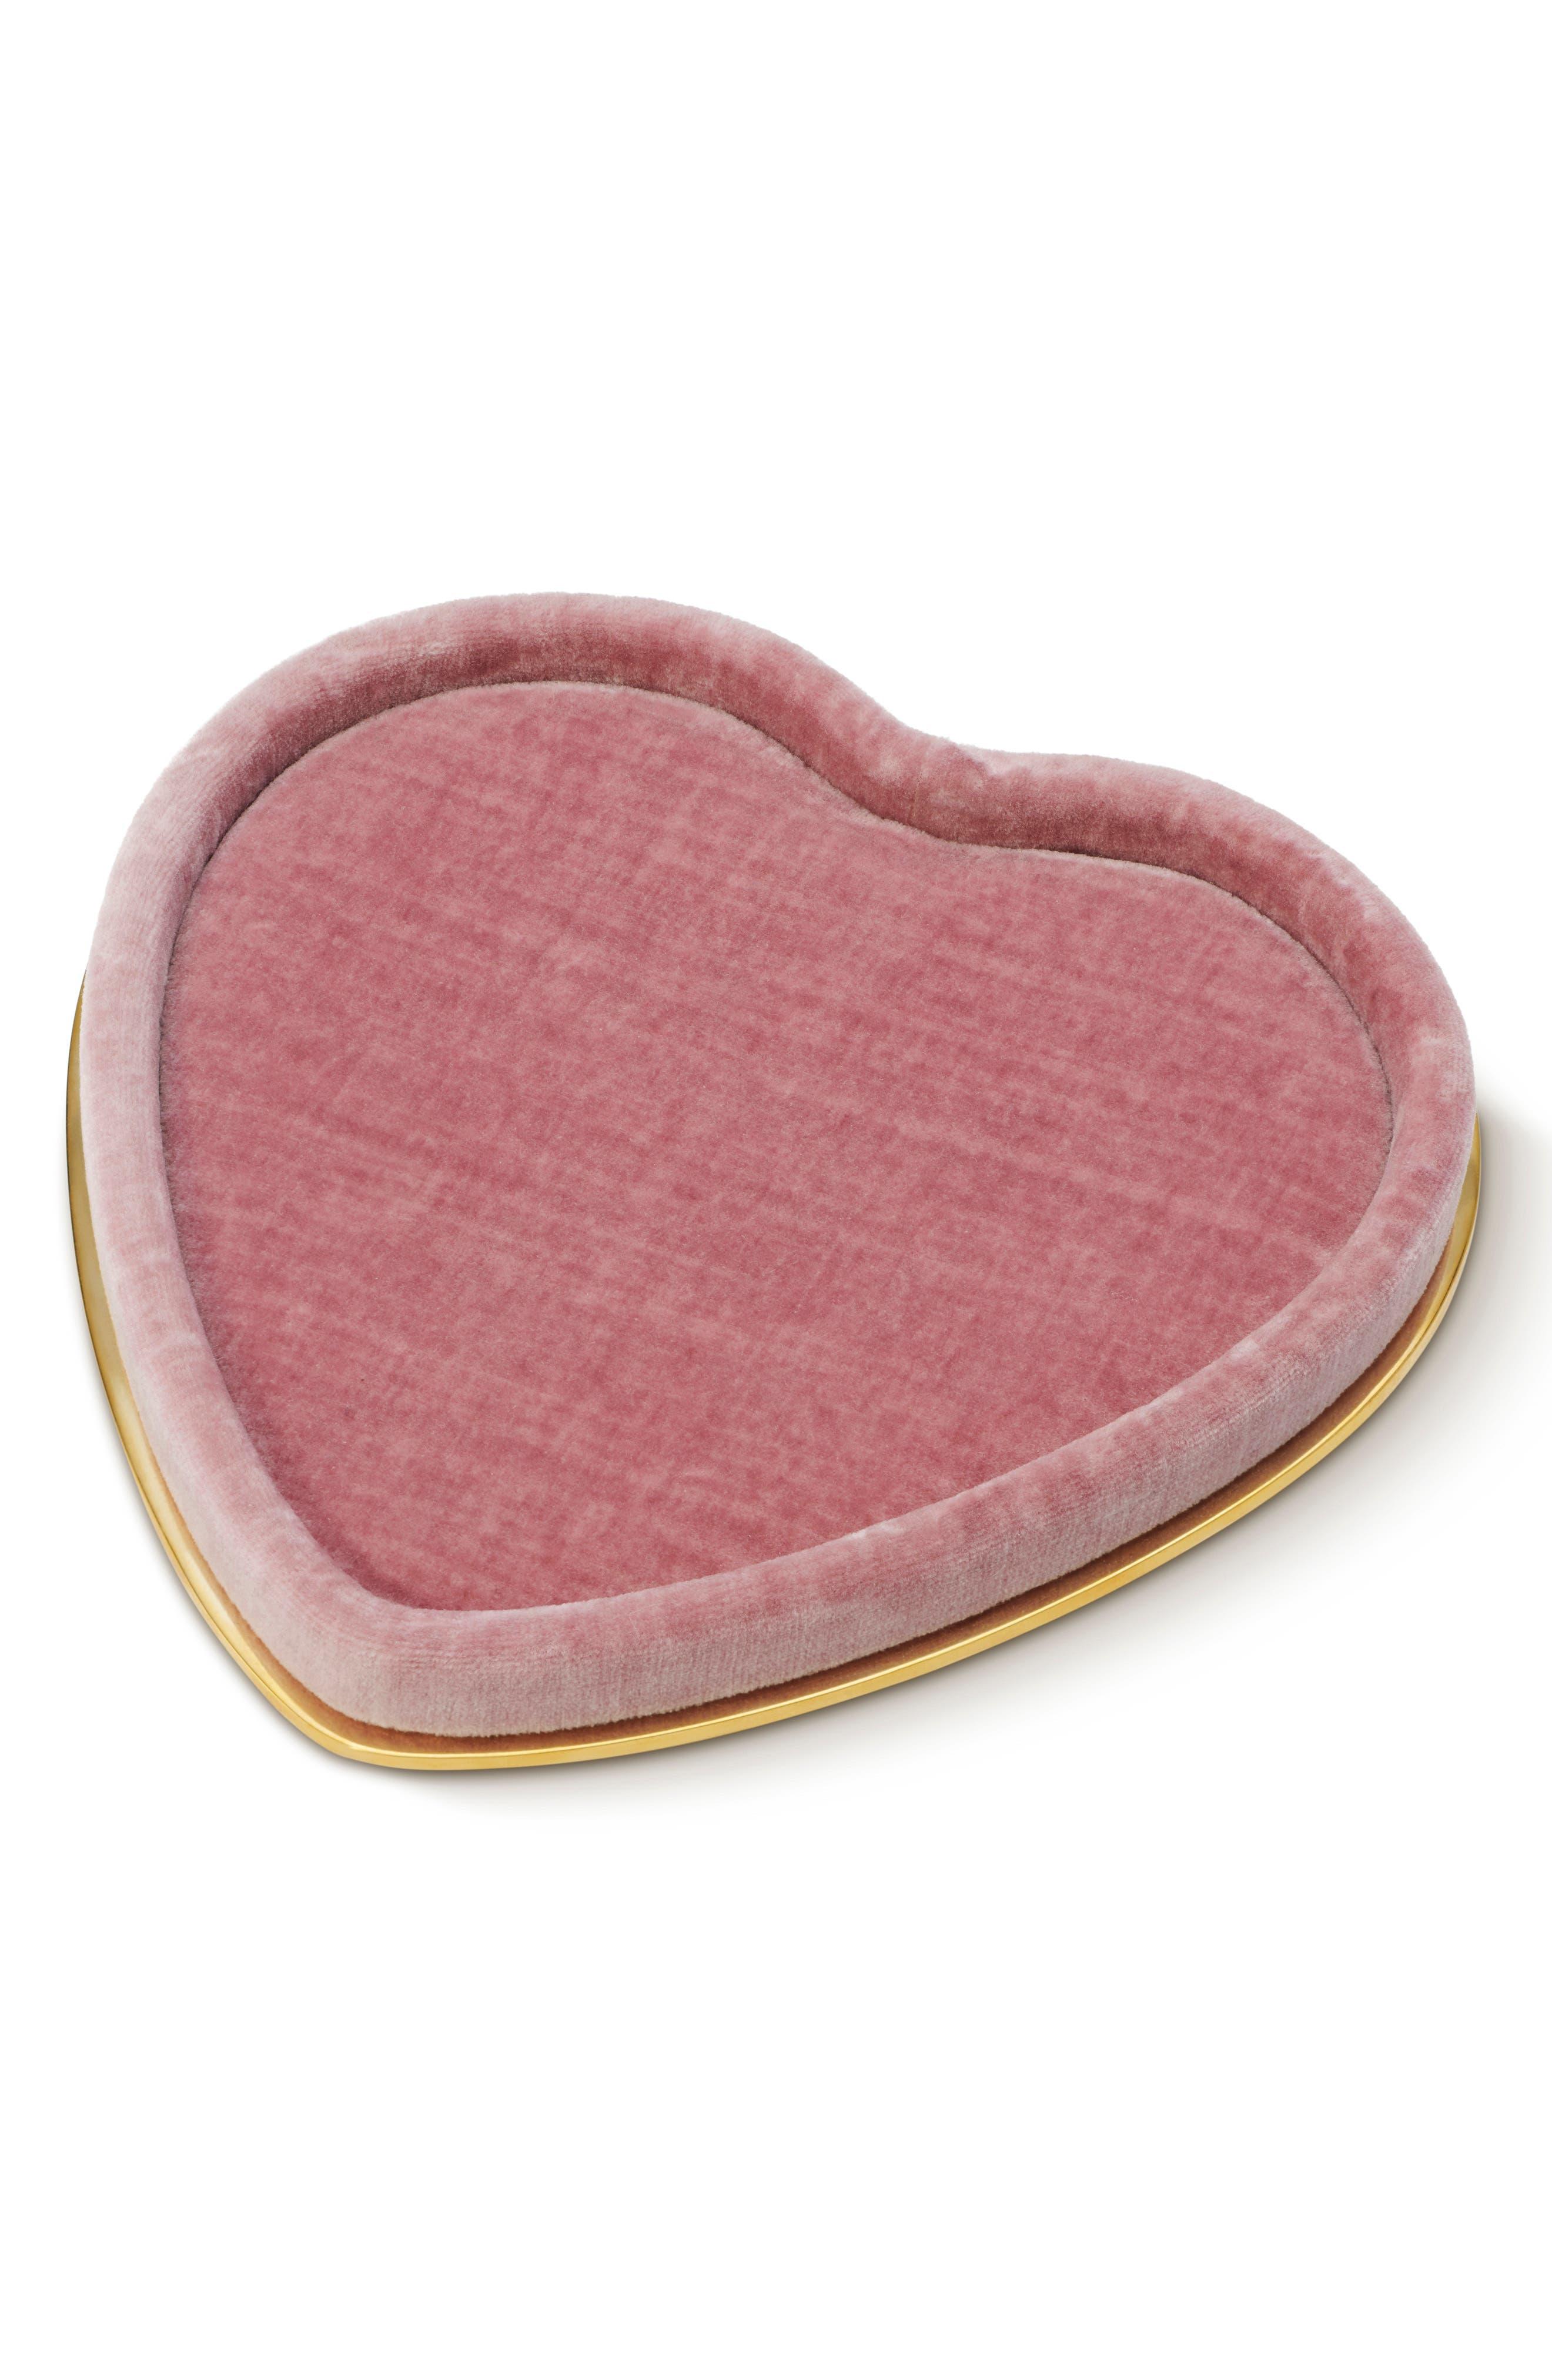 Valentina Velvet Heart Tray,                             Main thumbnail 1, color,                             DUSTY ROSE